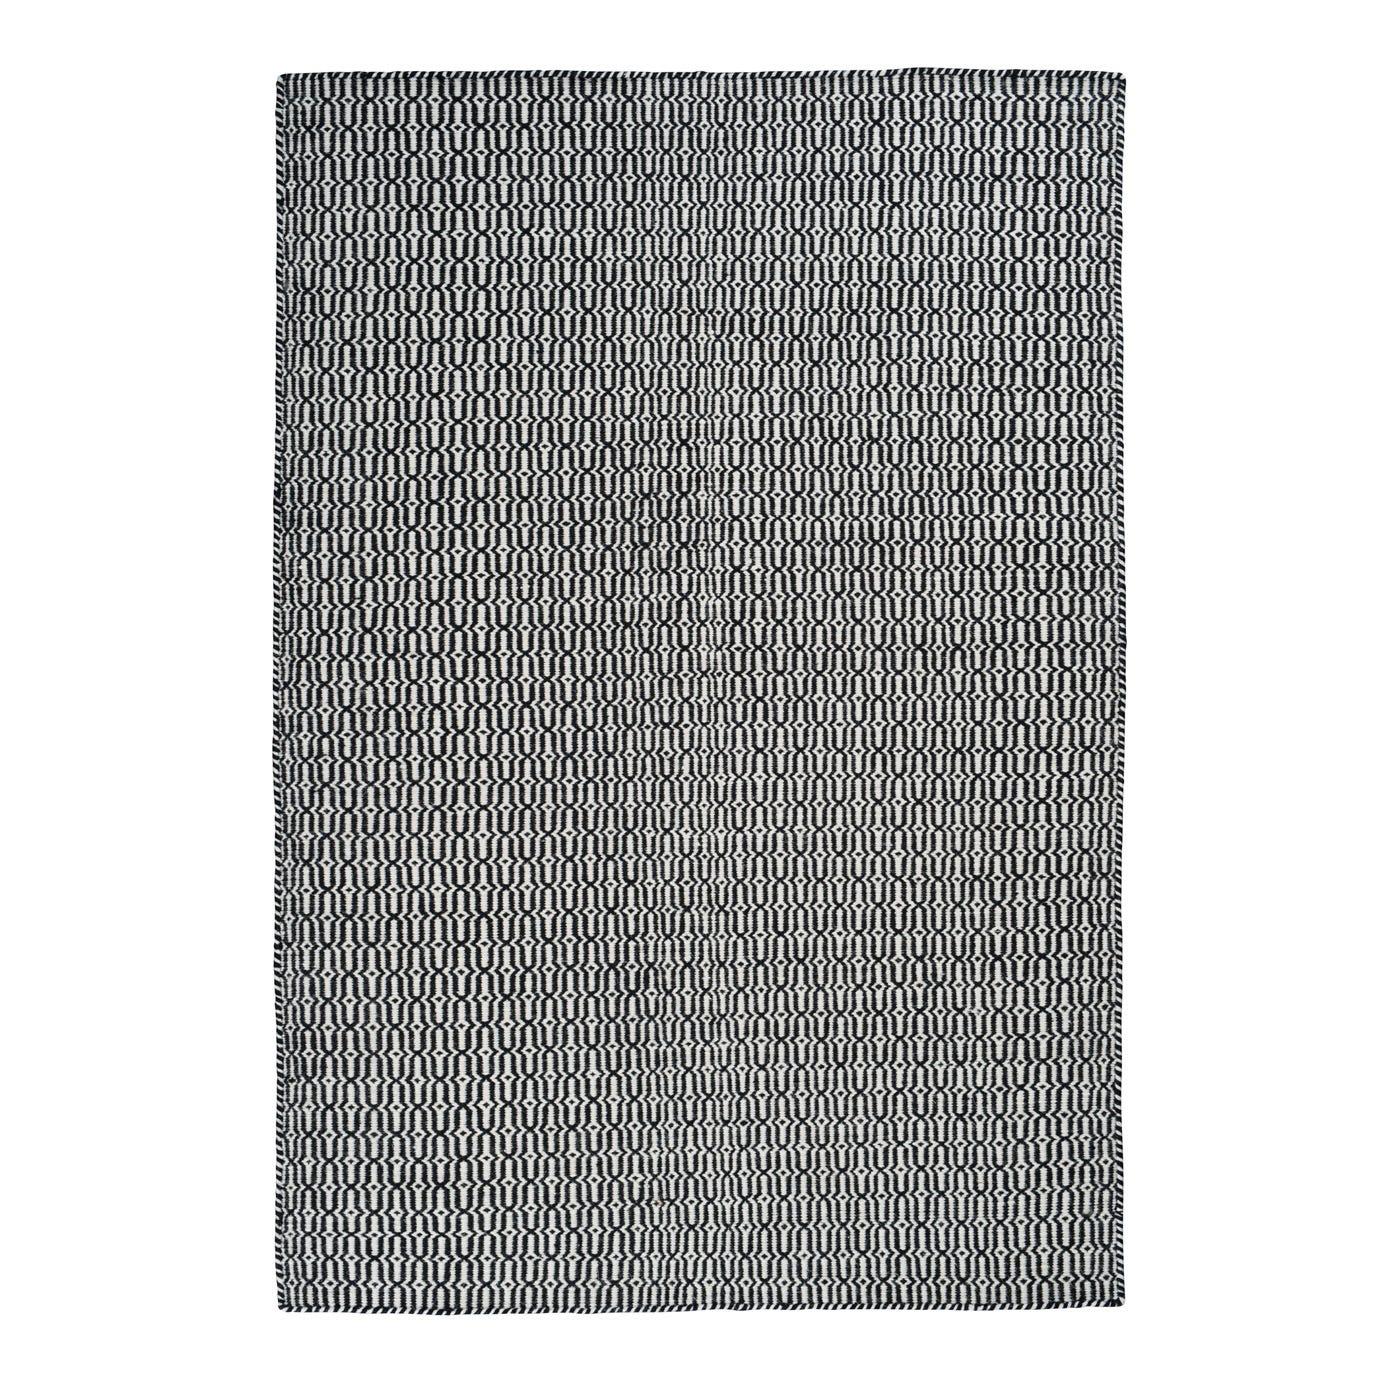 Tile Rug Black & White